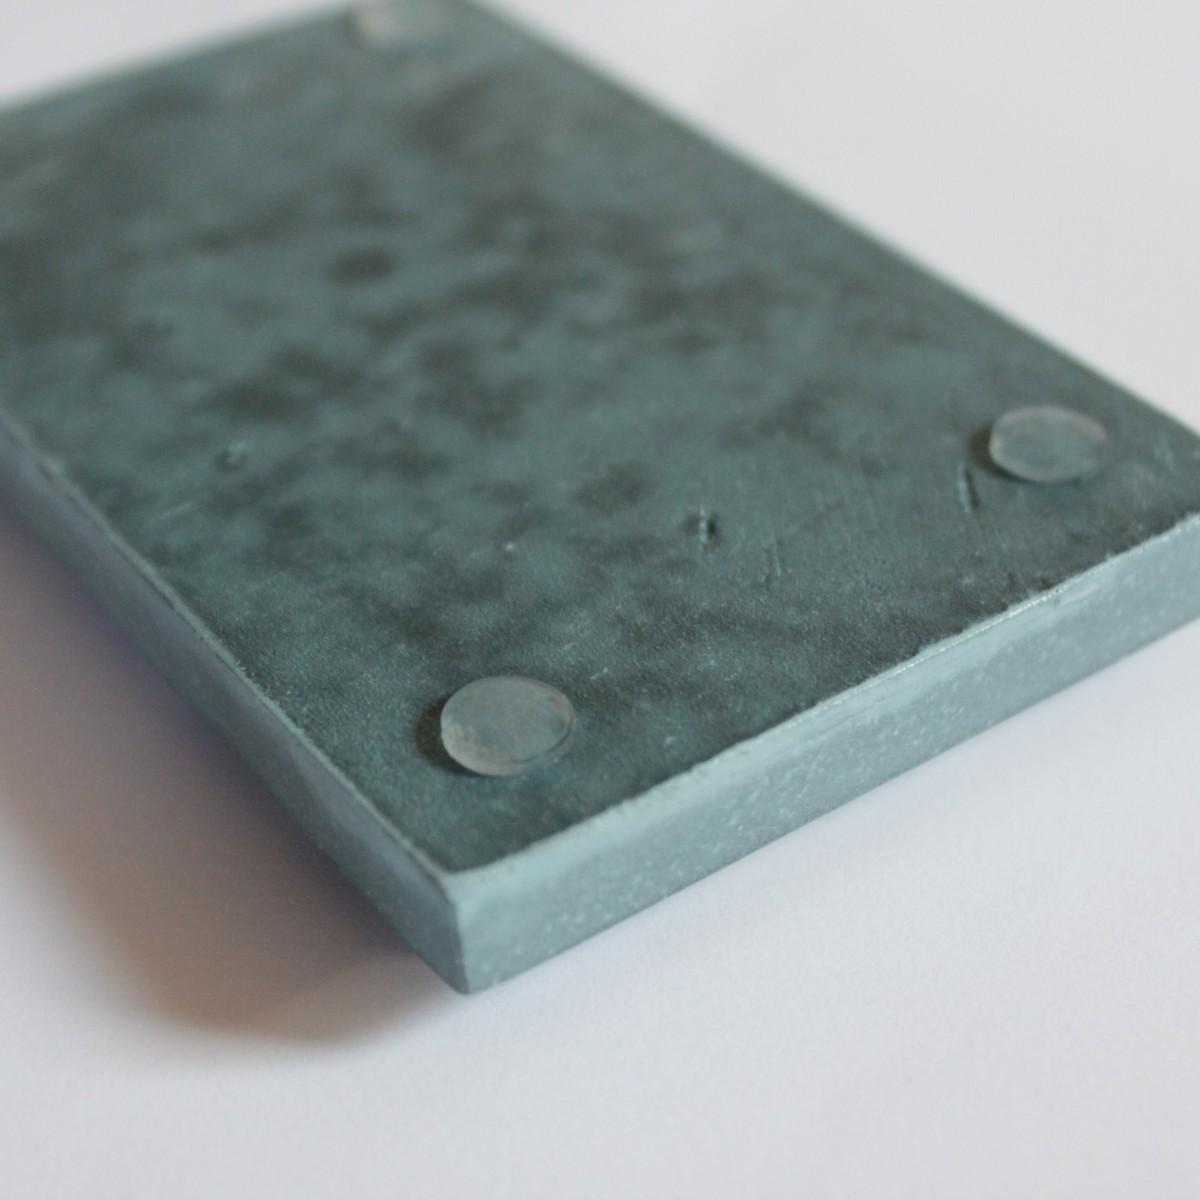 Seifenablage aus Porzellangips / Petrol-Skin / objet vague